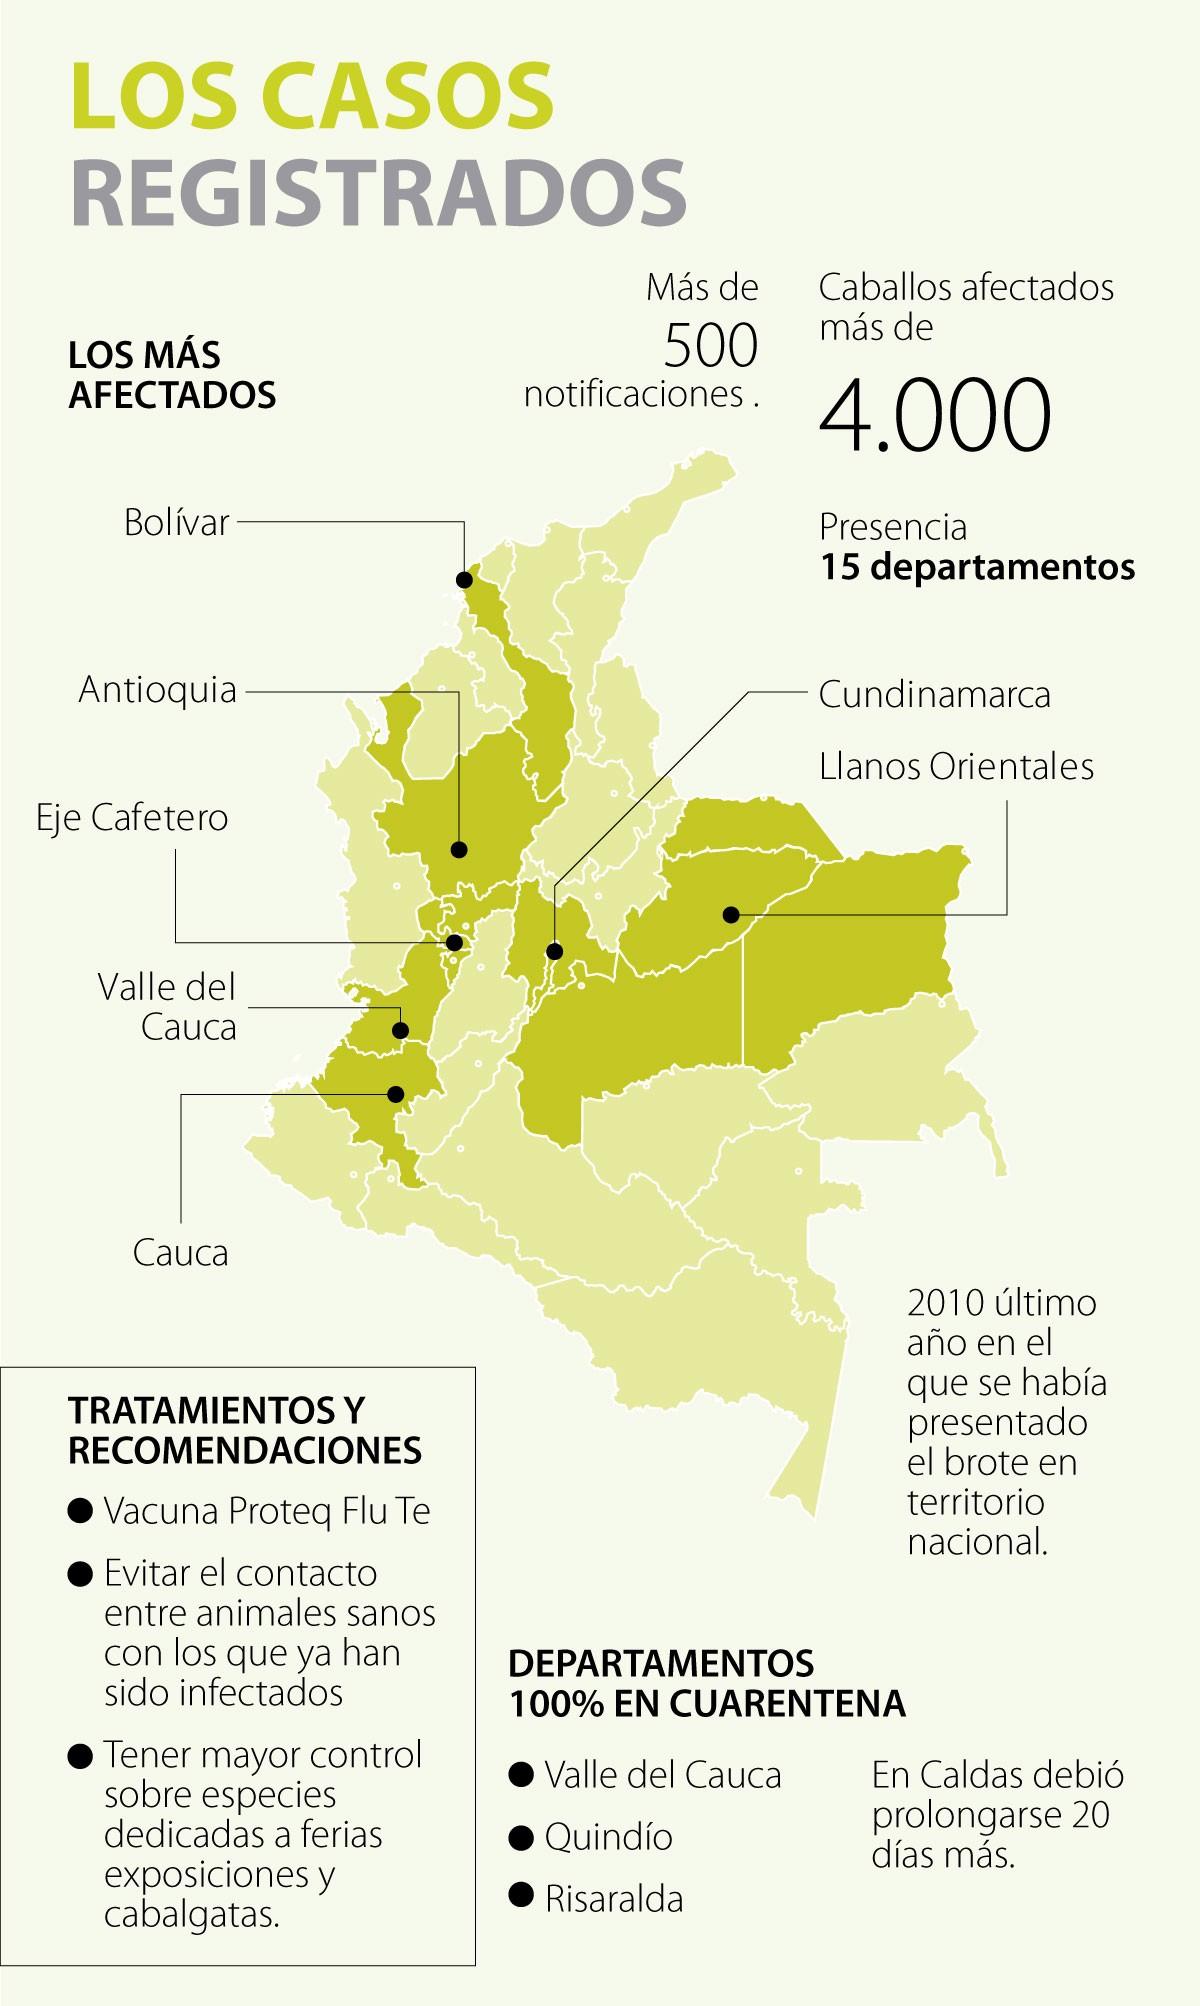 Influenza Equina En Colombia Está 99% Controlada Según Autoridades